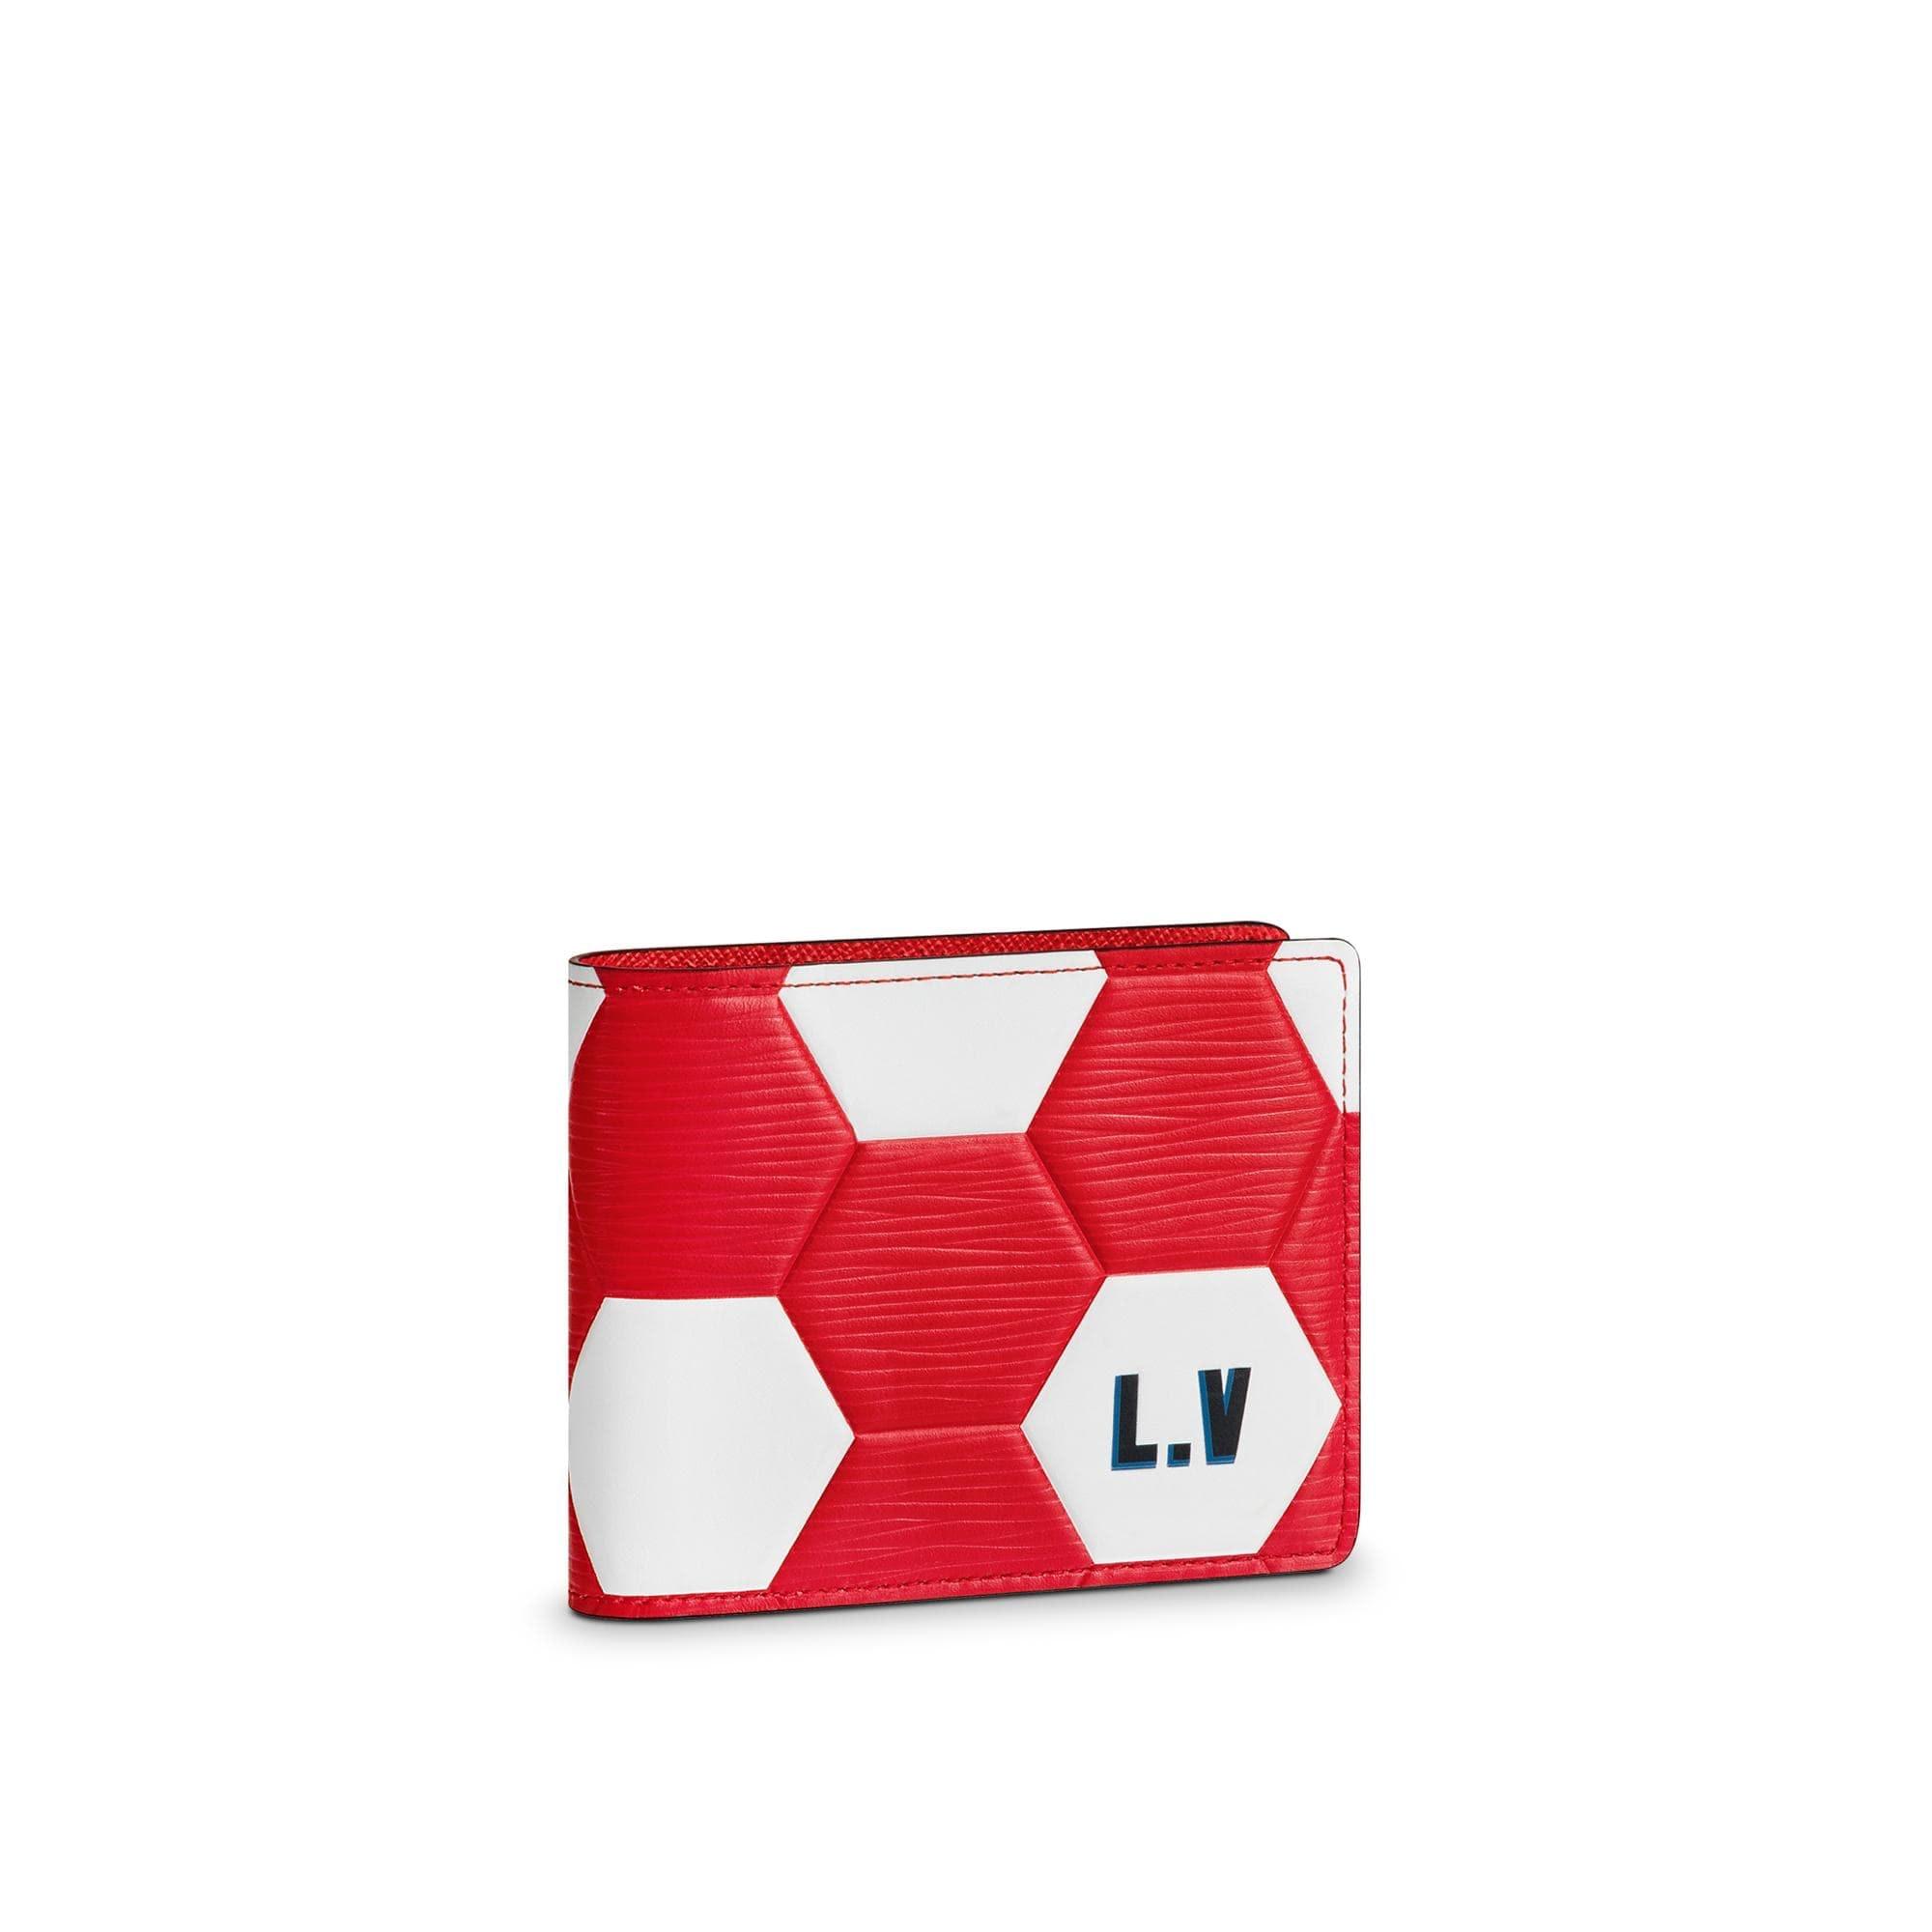 Louis Vuitton Slender Wallet Hexagonal FIFA World Cup Rouge